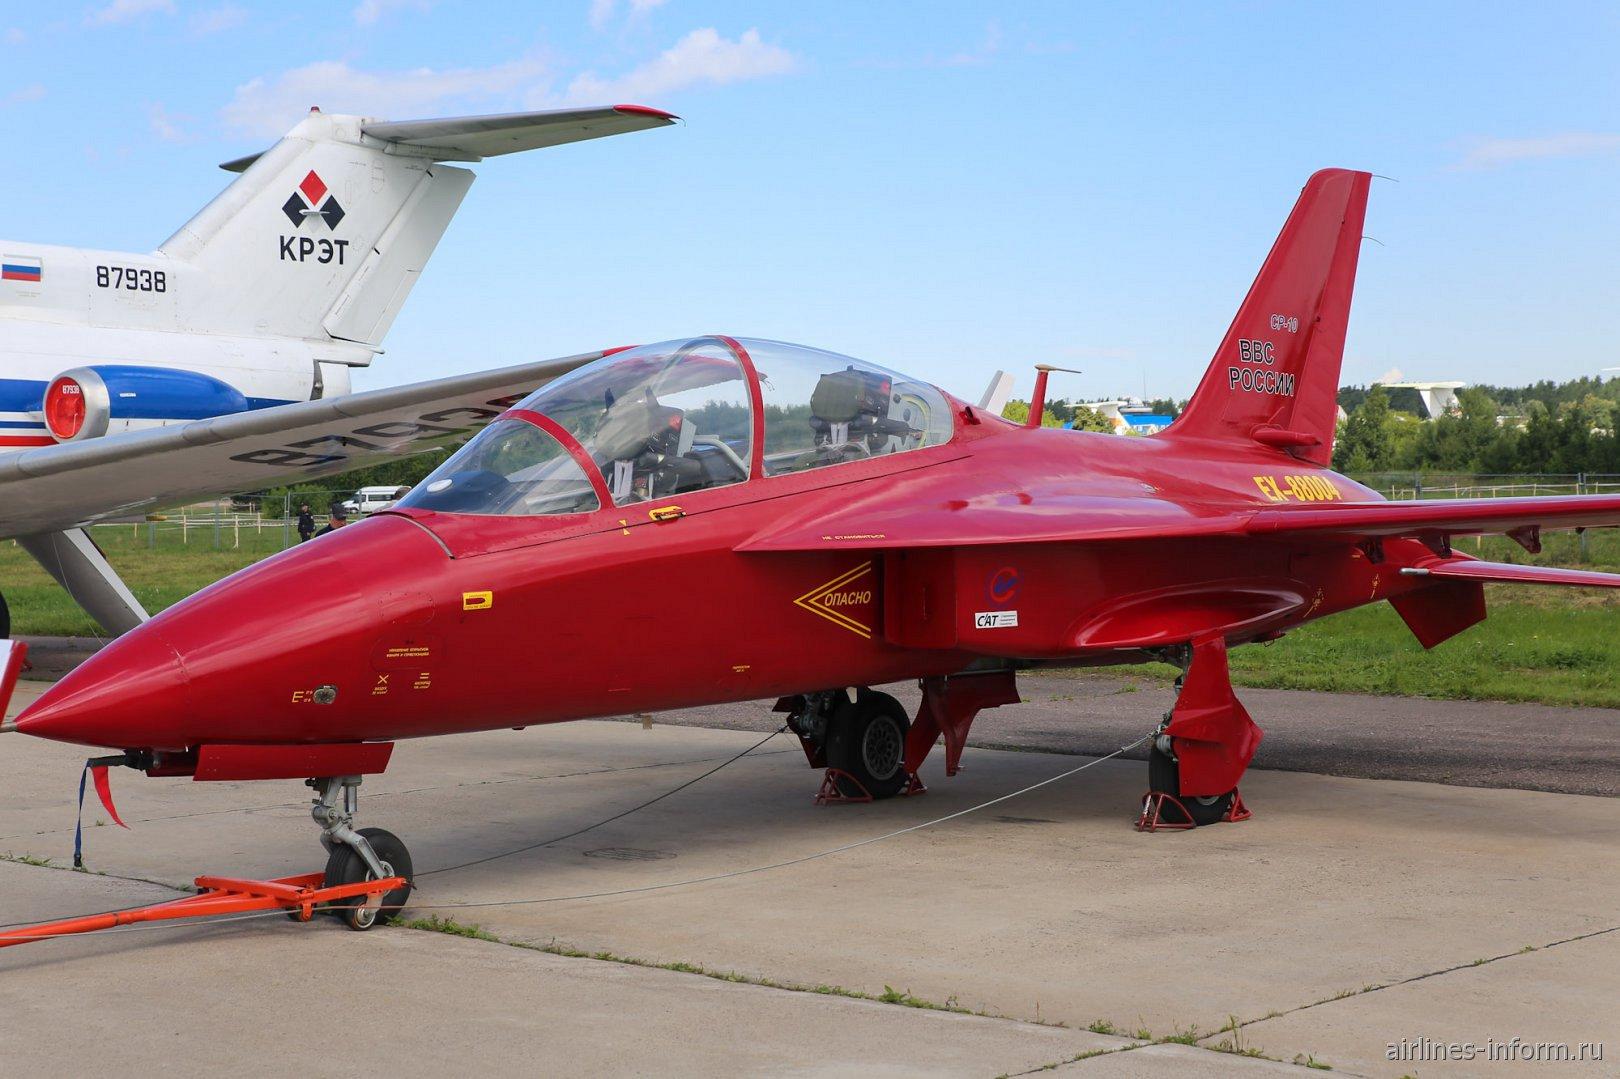 Учебно-тренировочной самолёт СР-10 на авиасалоне МАКС-2017